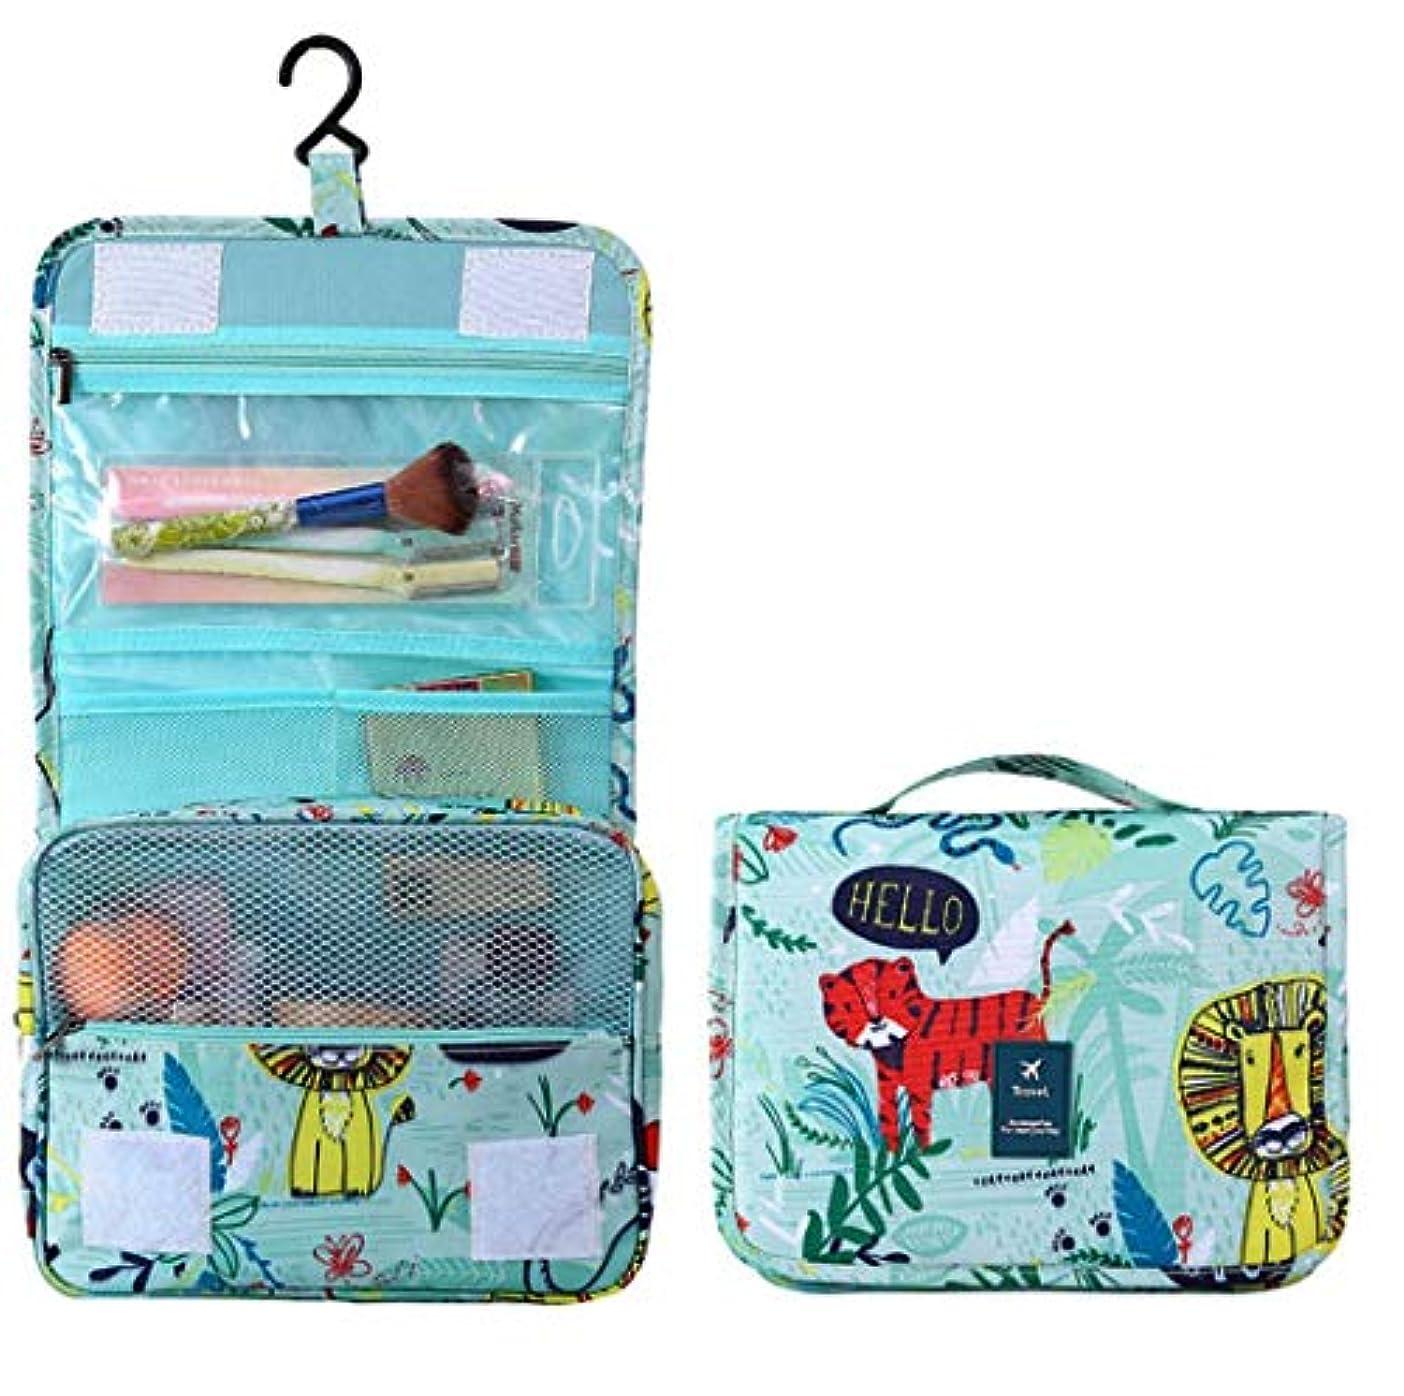 扇動する反響するストレス化粧品袋、ウォッシュバッグ、トラベルバッグ、洗顔、収納、浴室収納バッグ、ぶら下げ、小物、収納、パッキングバッグ、旅行、海外、旅行用品、育児用品